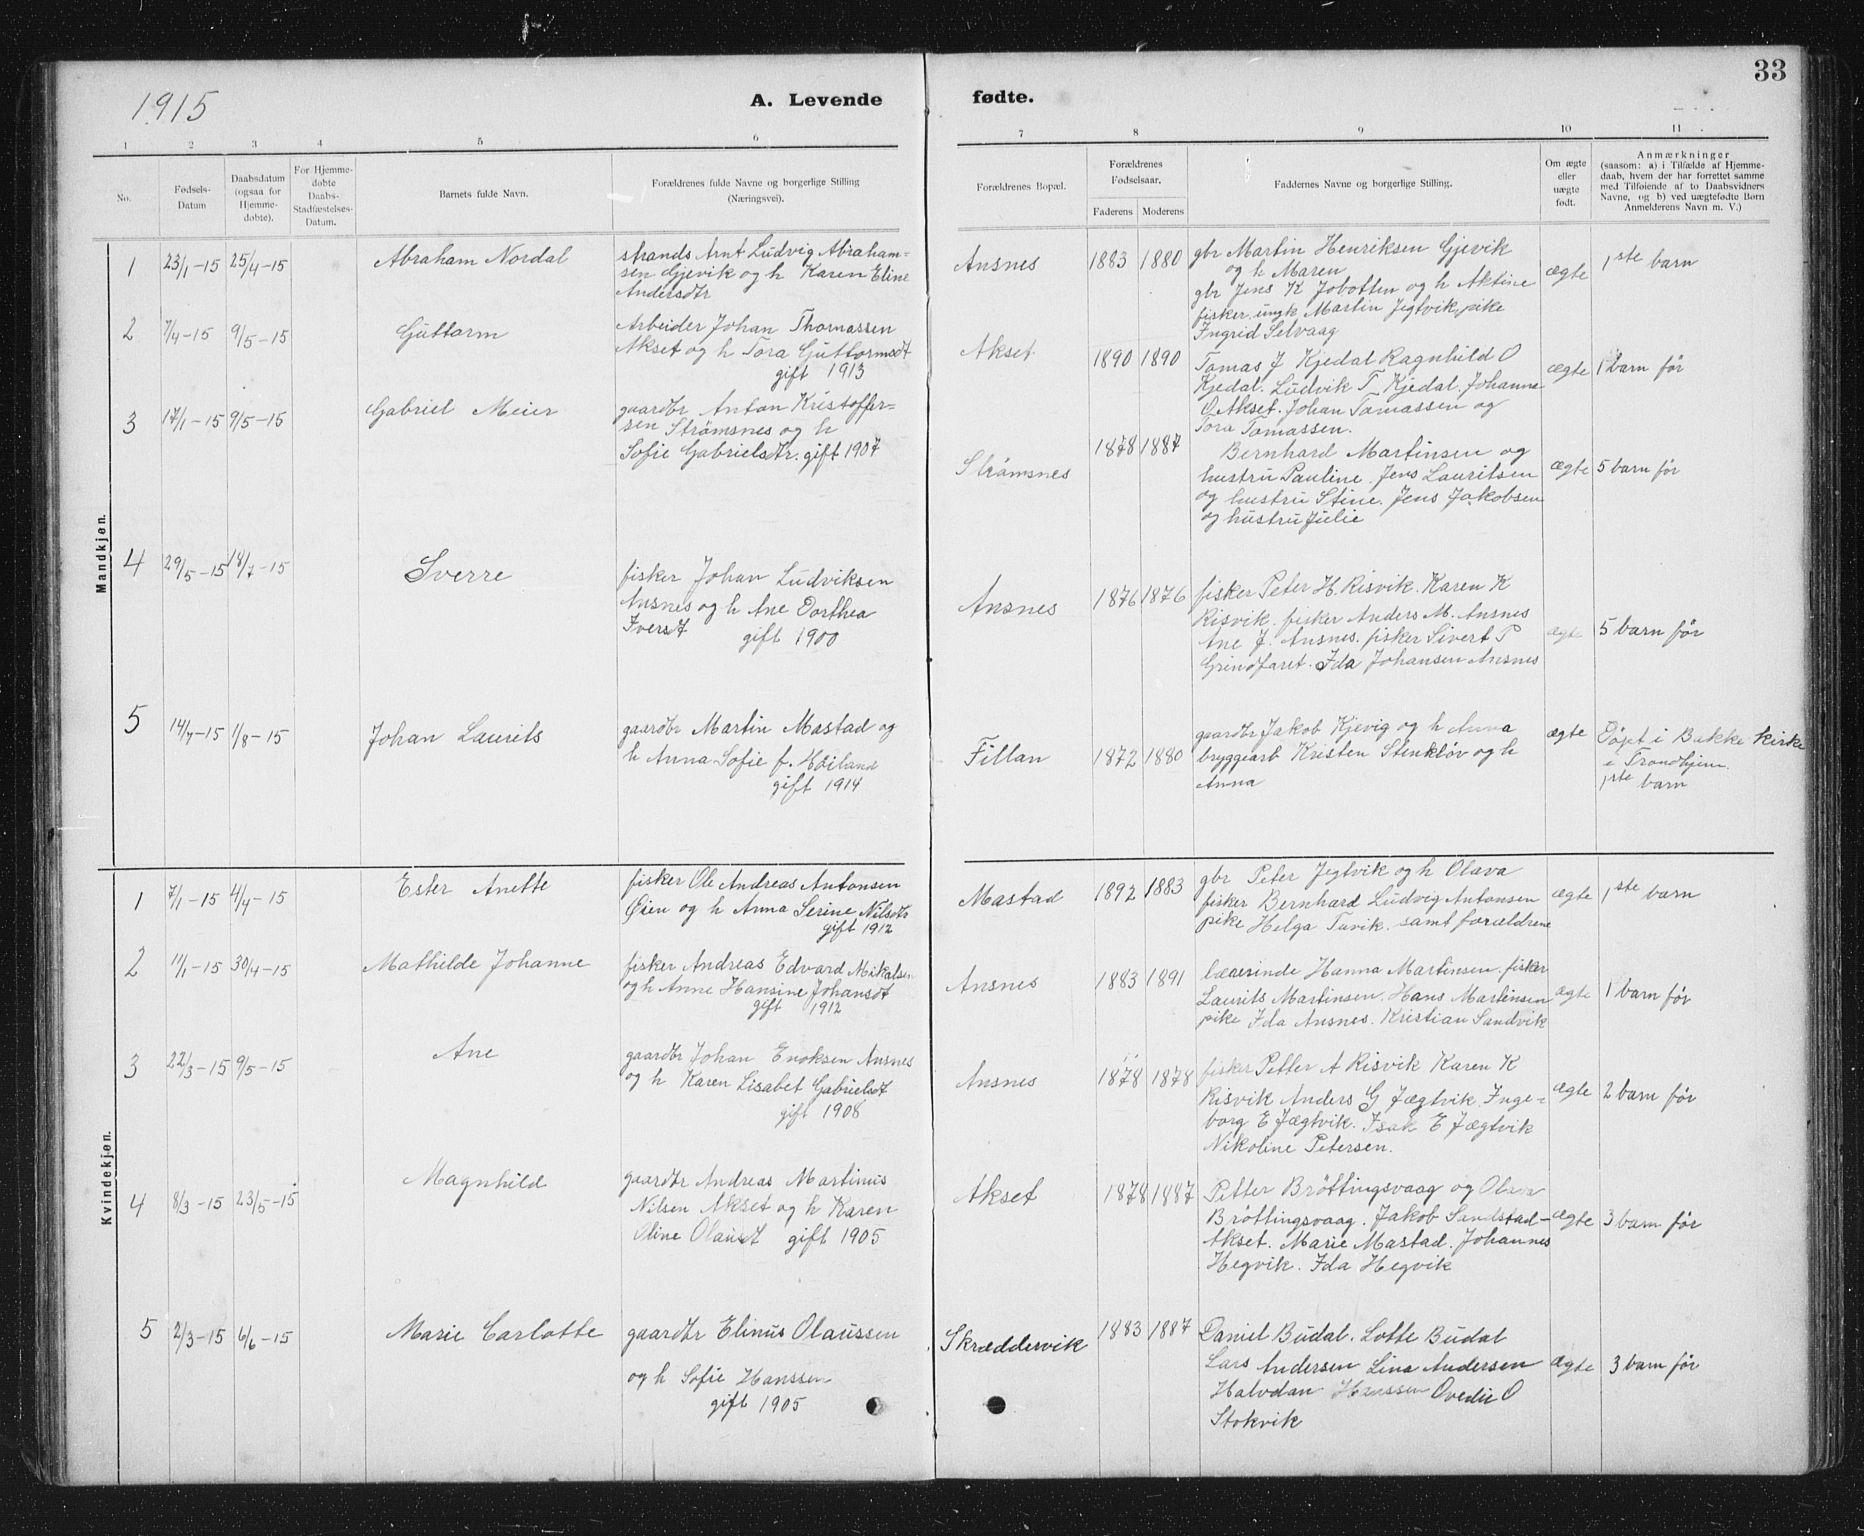 SAT, Ministerialprotokoller, klokkerbøker og fødselsregistre - Sør-Trøndelag, 637/L0563: Klokkerbok nr. 637C04, 1899-1940, s. 33